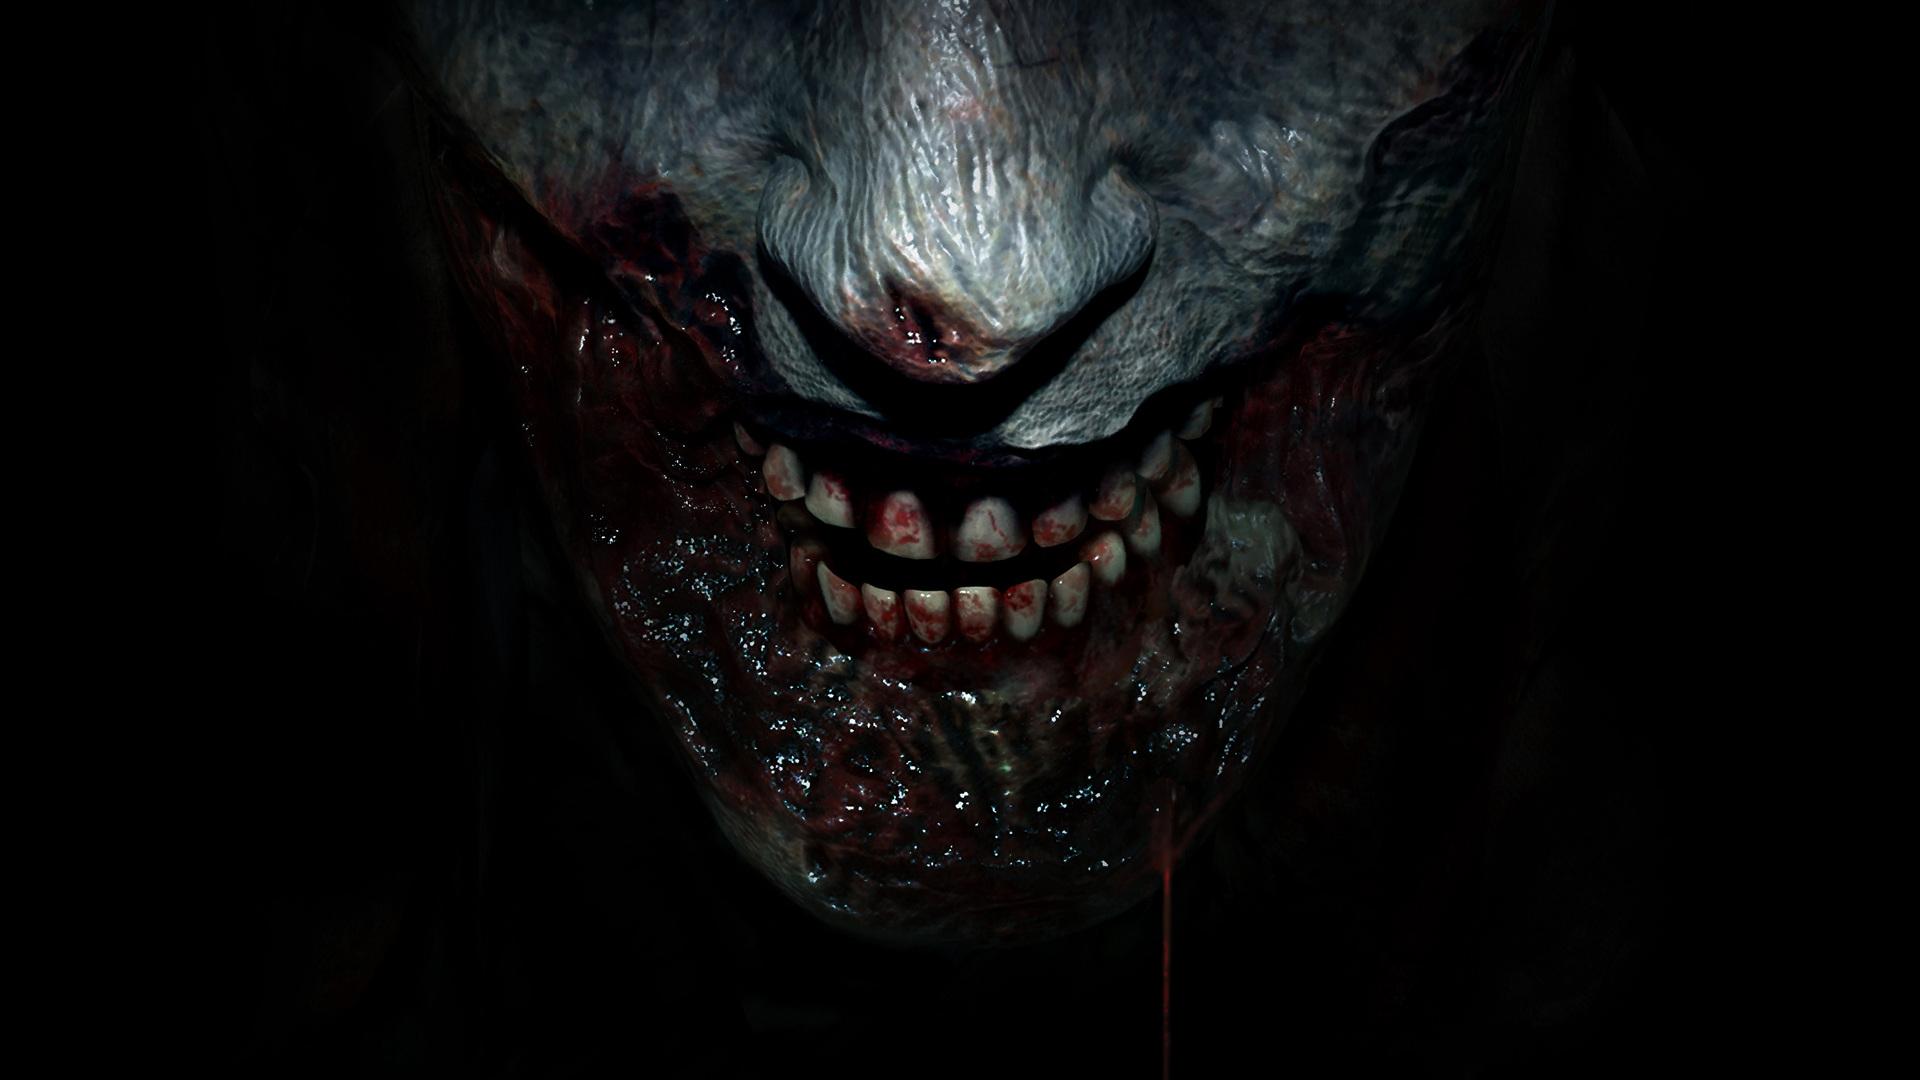 1920x1080 Resident Evil 2 Zombie 4k Laptop Full HD 1080P ...